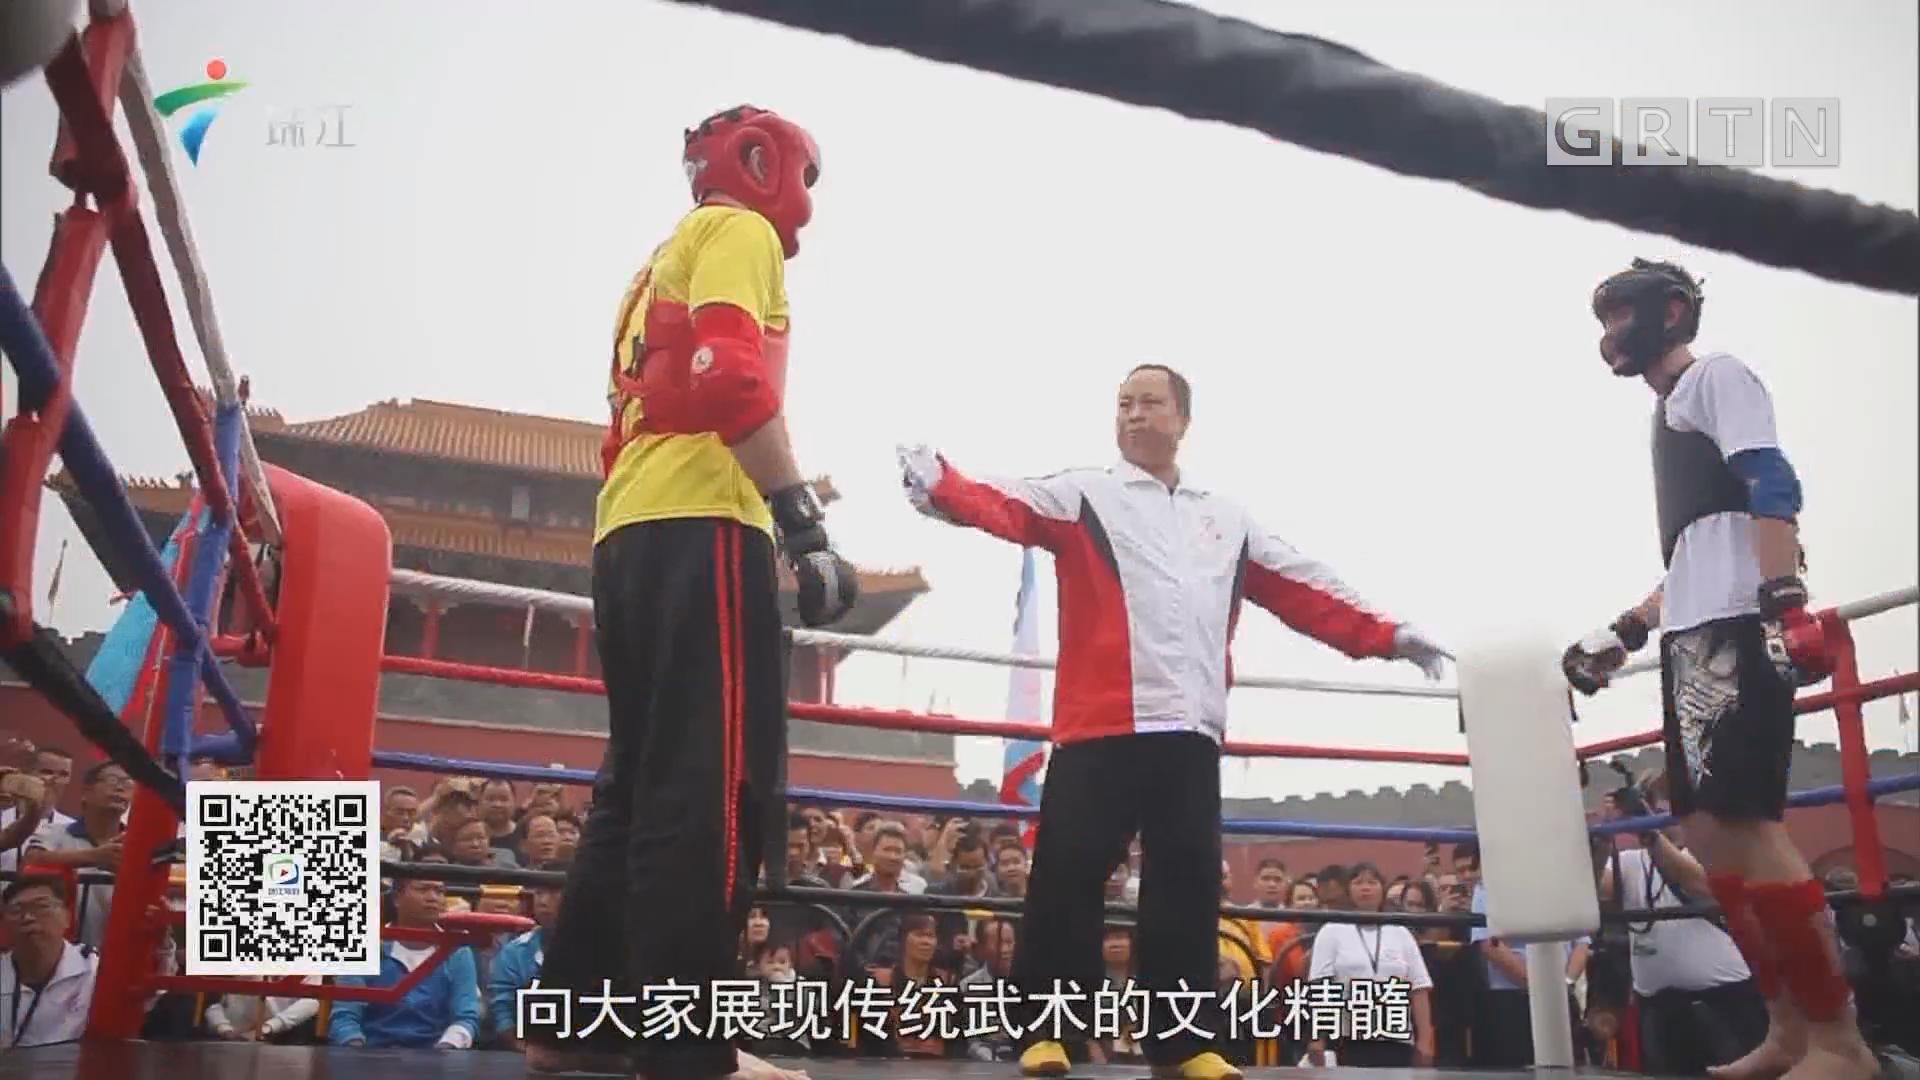 港剧功夫高手现真身 中外洪拳高手同台PK